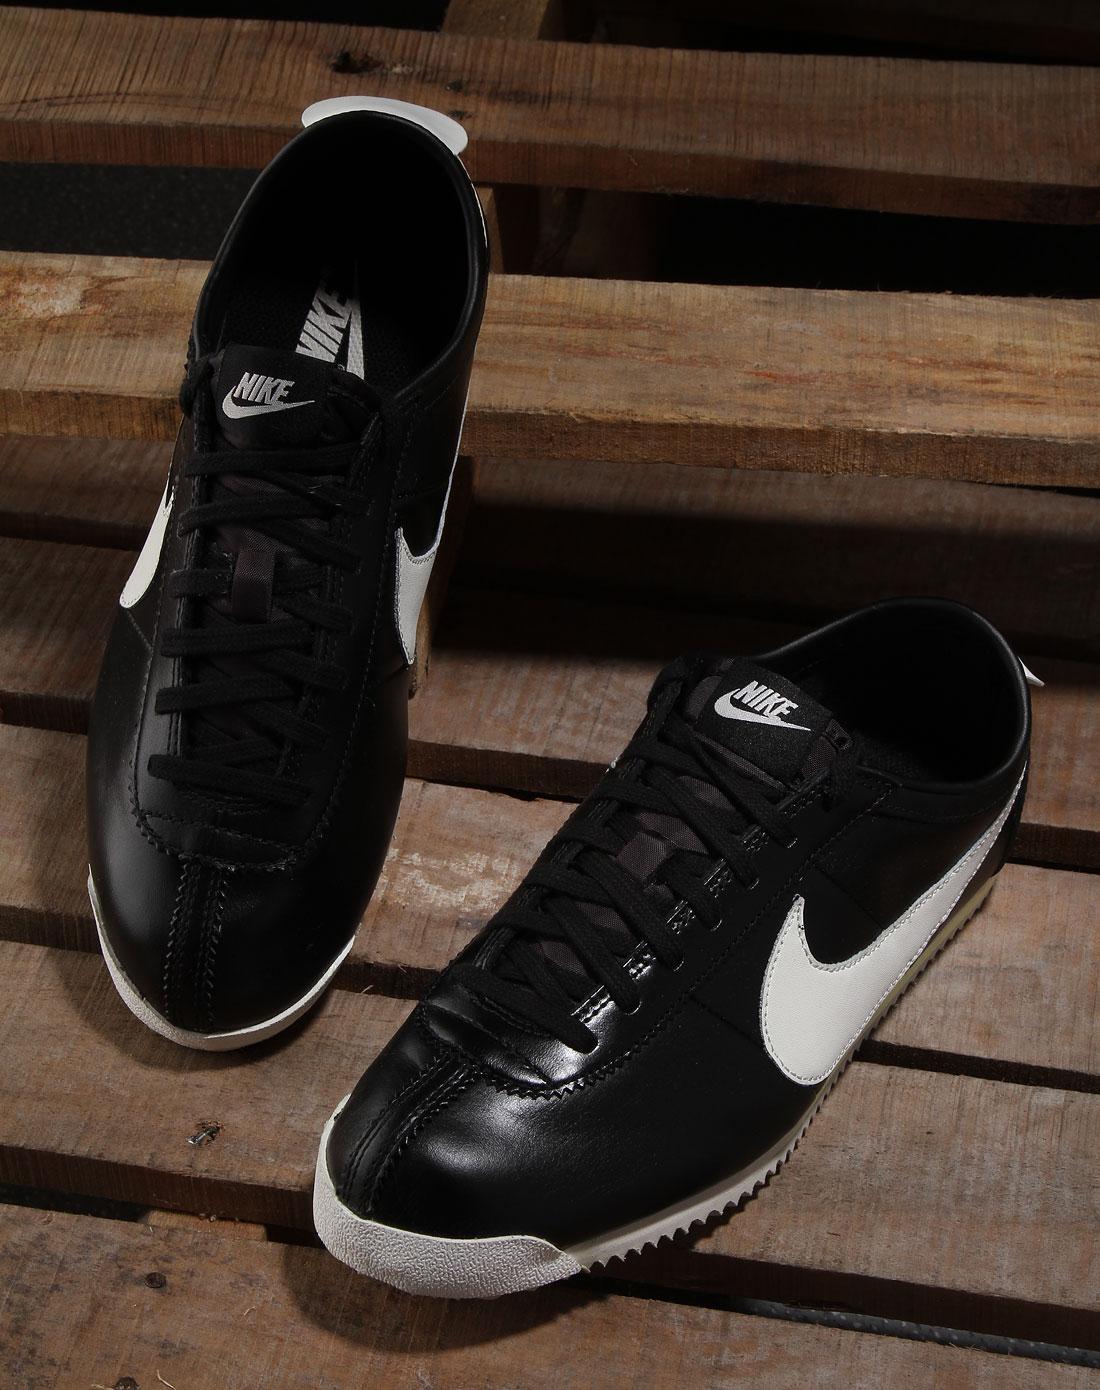 流线型设计的cortez classic og leather塑造完美的穿着体验